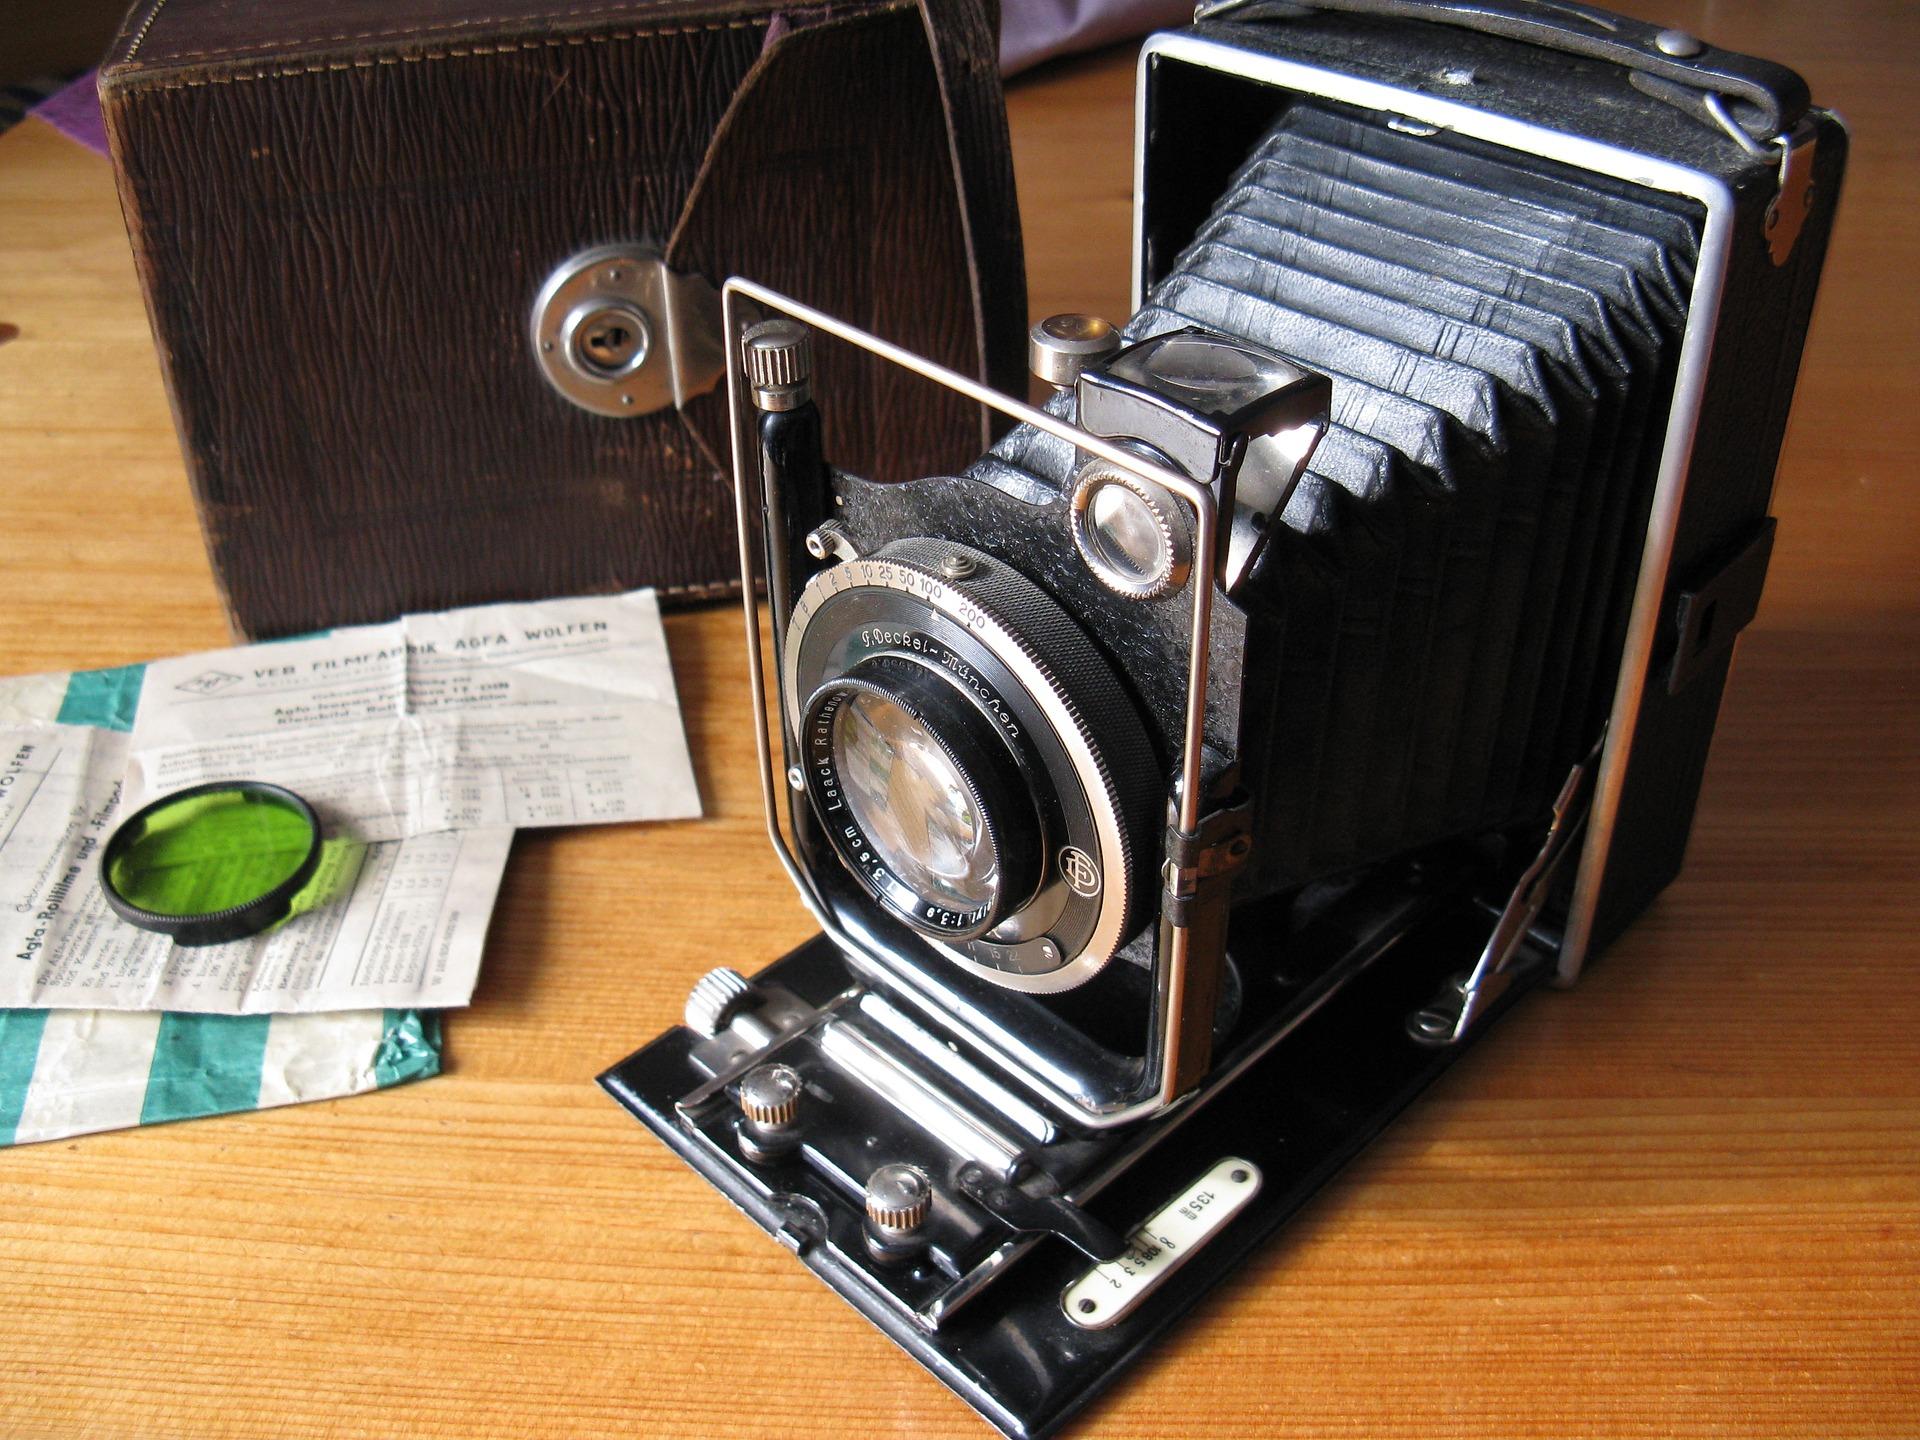 câmera, vintage, velho, Câmara fotográfica, memórias, fotografia - Papéis de parede HD - Professor-falken.com